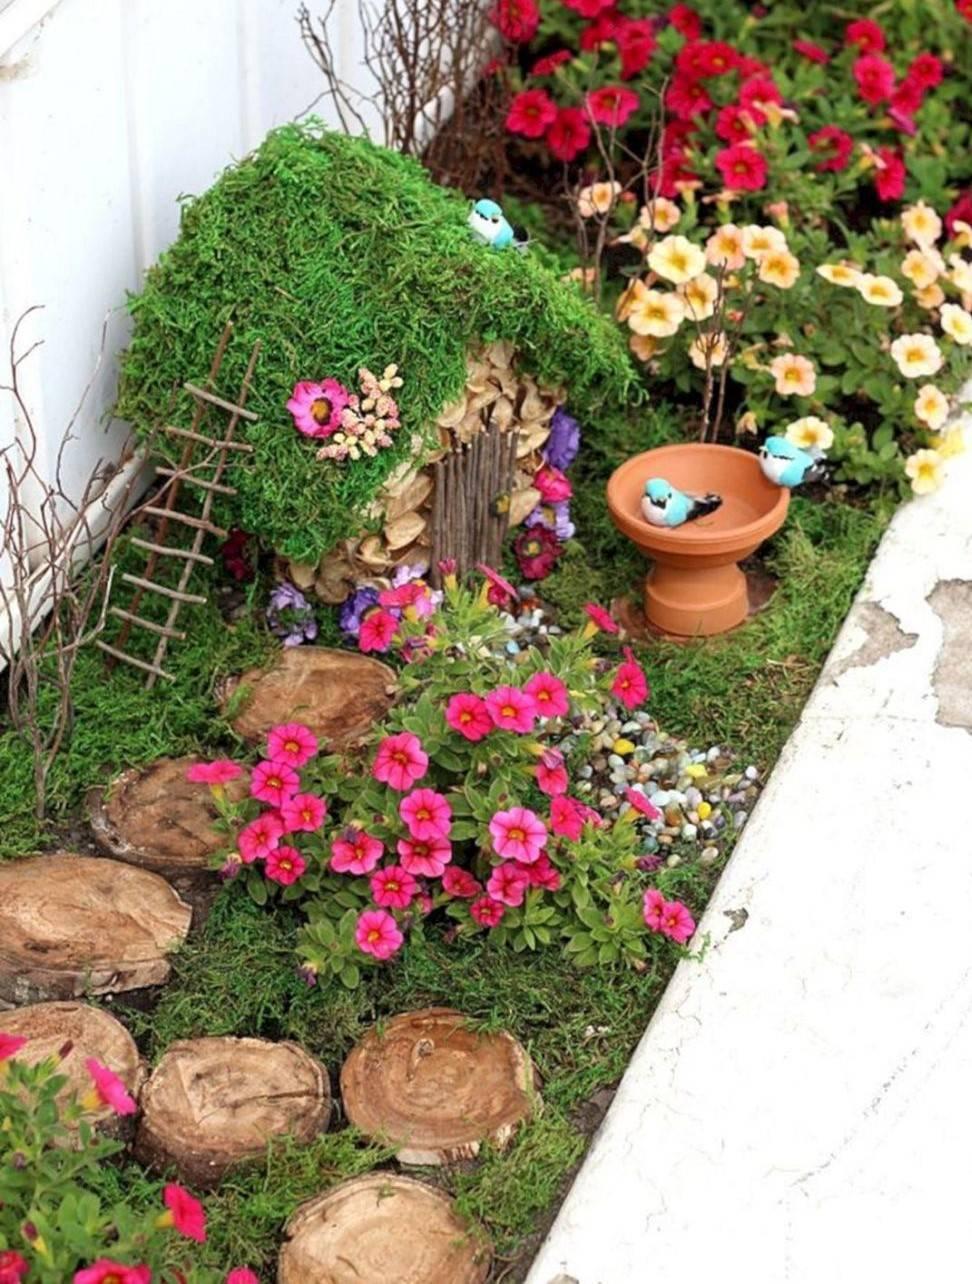 diy easy garden ideas-551691023103605106